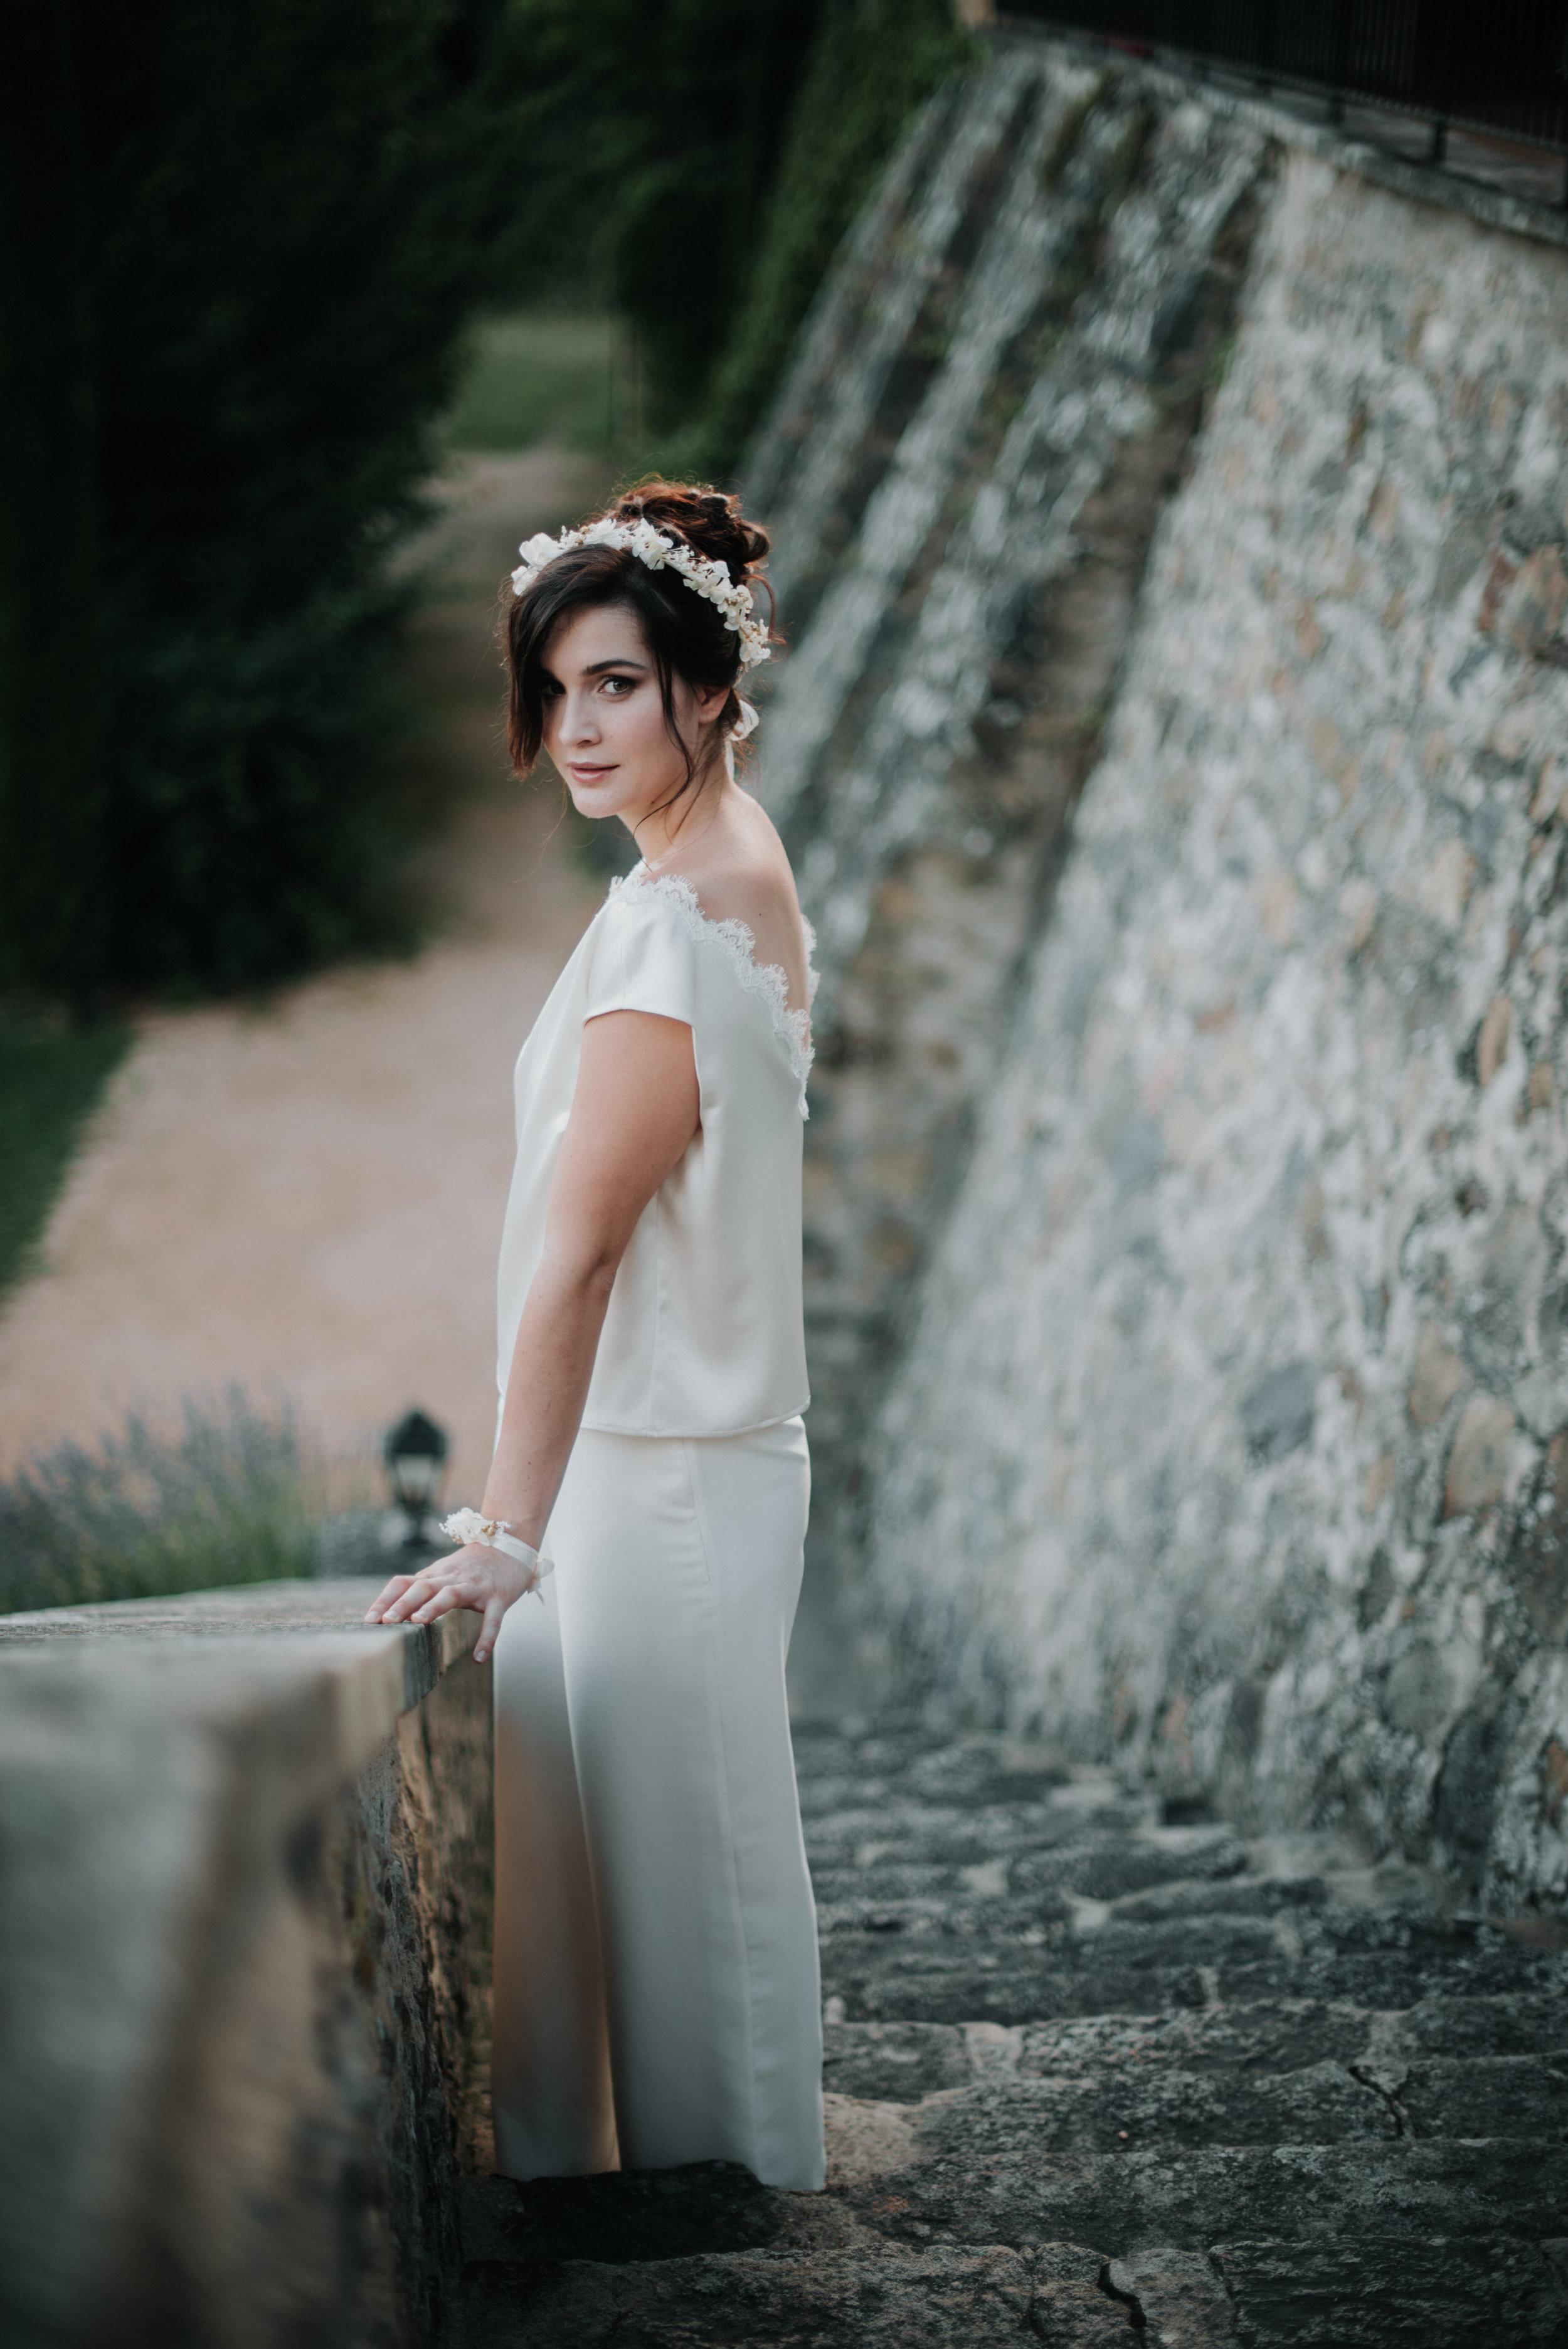 Léa-Fery-photographe-professionnel-lyon-rhone-alpes-portrait-creation-mariage-evenement-evenementiel-famille-9503.jpg